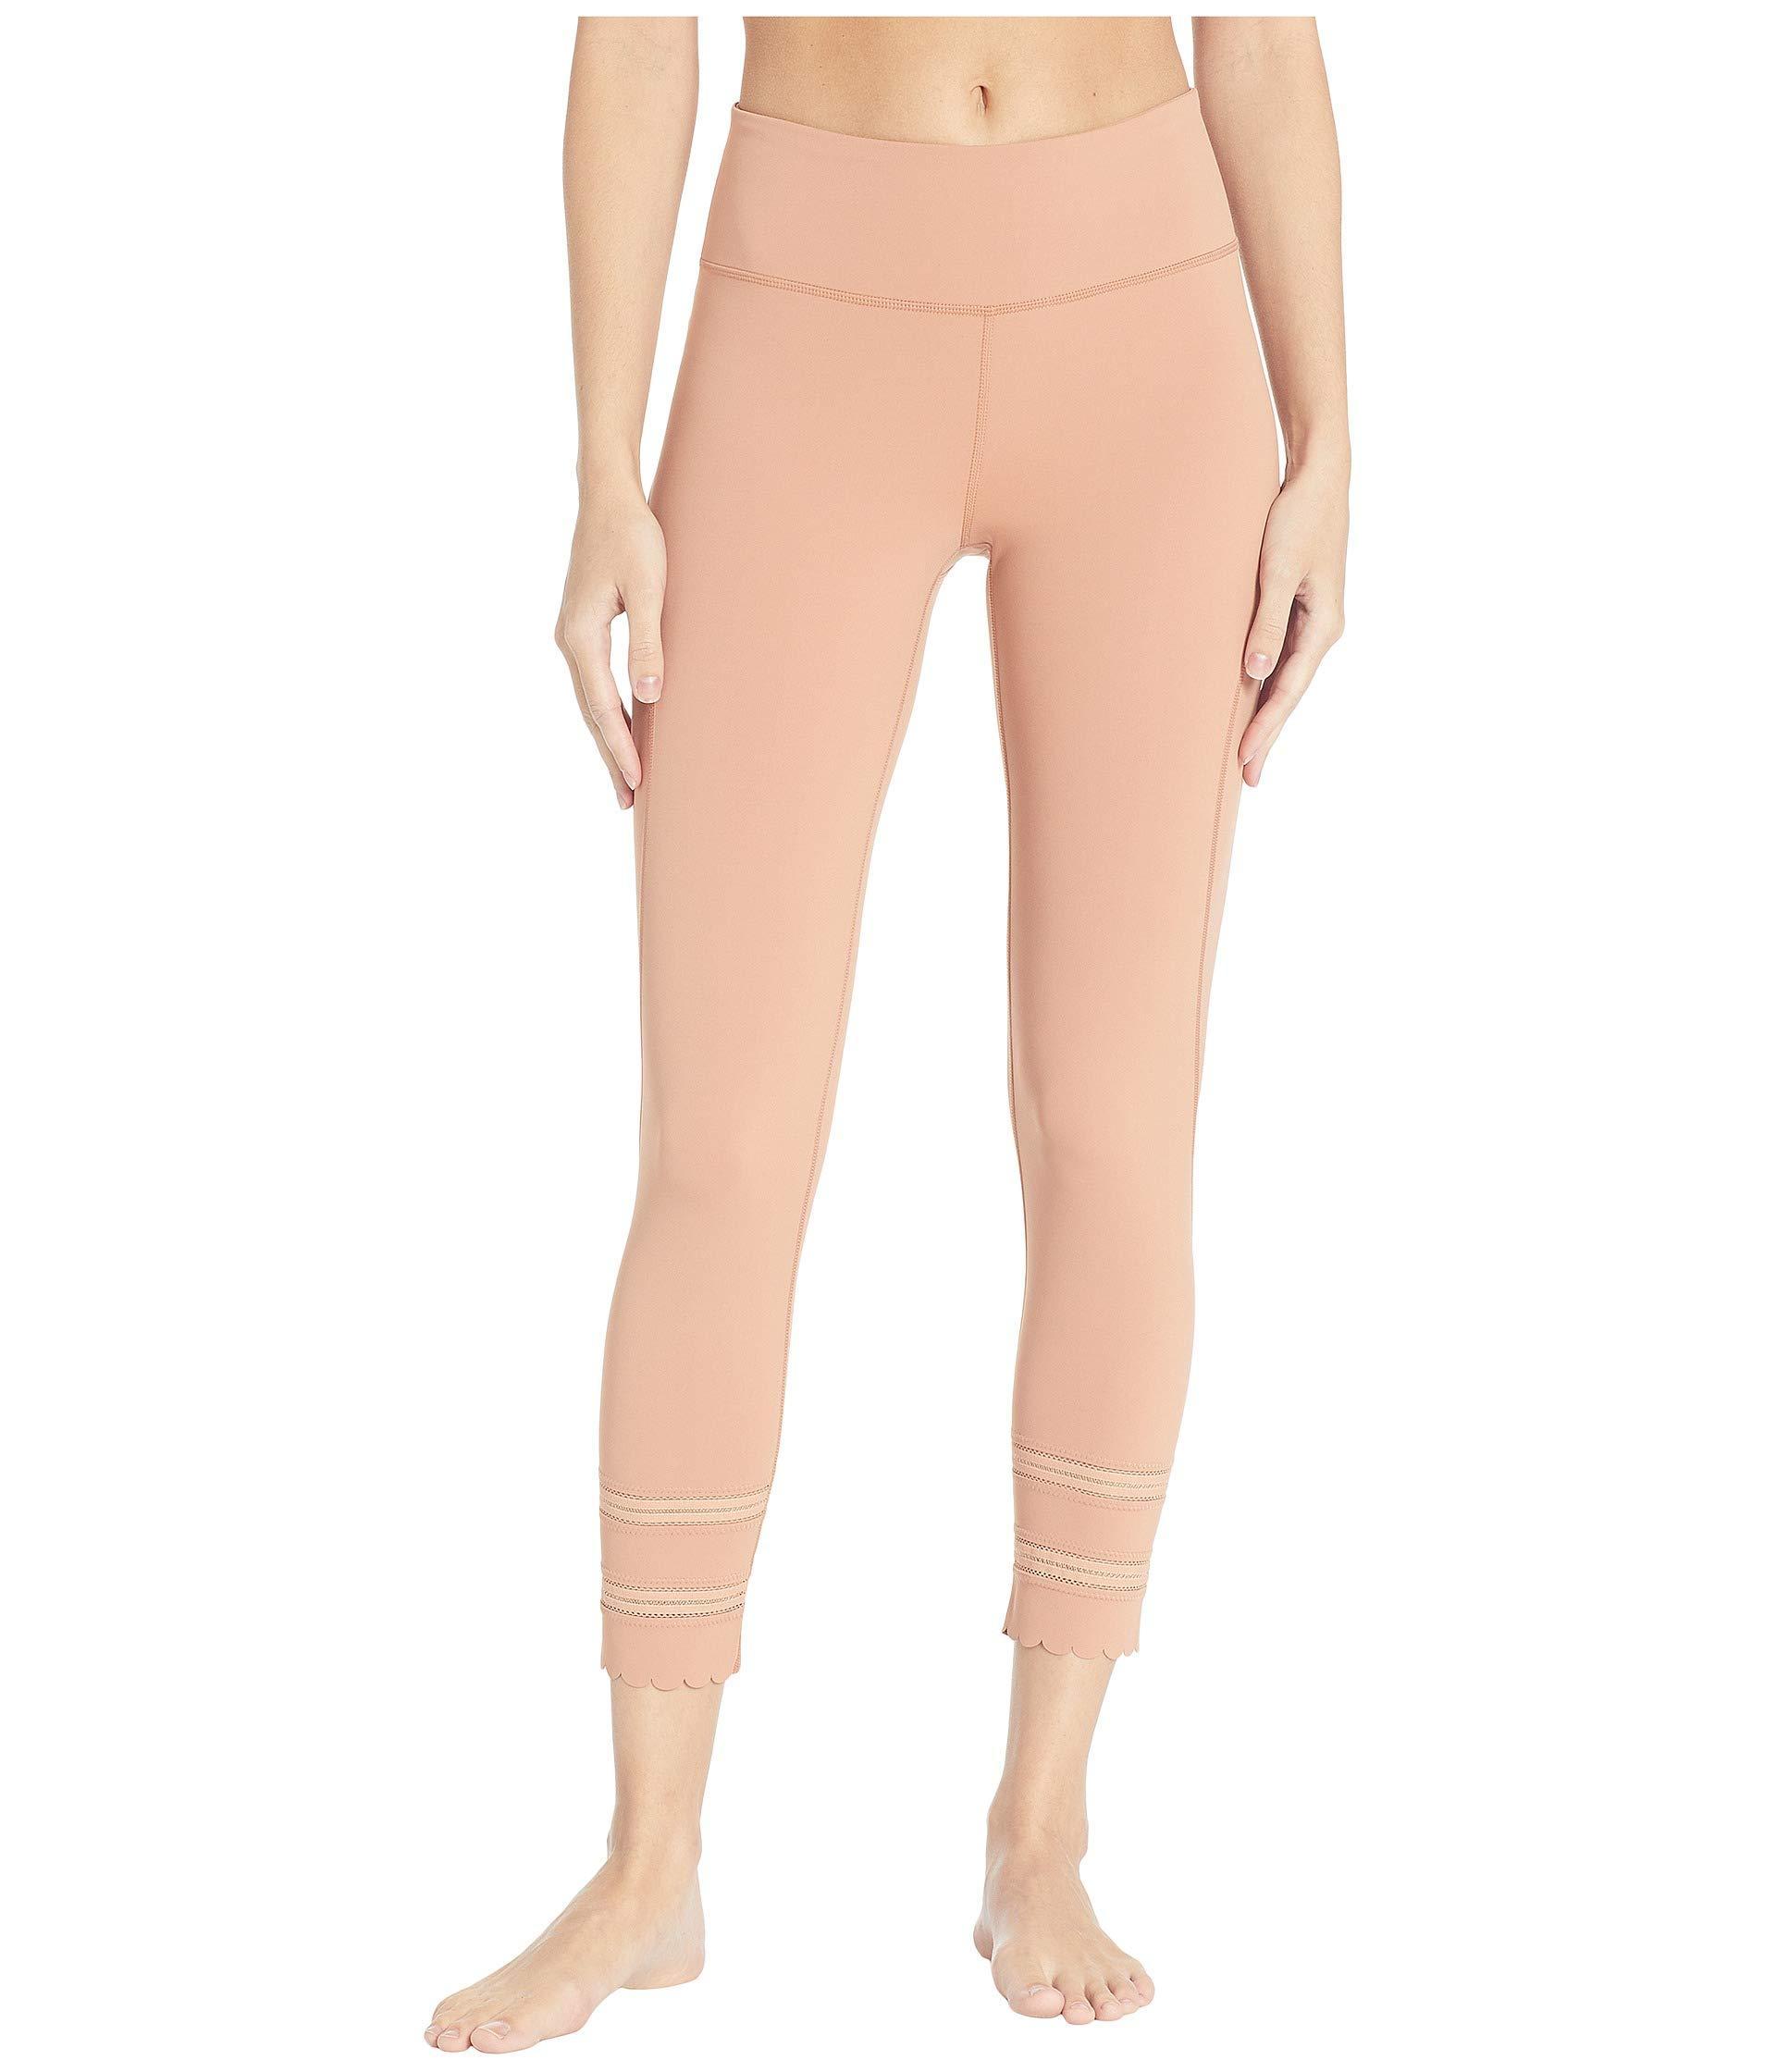 194c8c66514522 Lyst - Free People Genesis Leggings (black) Women's Casual Pants in ...